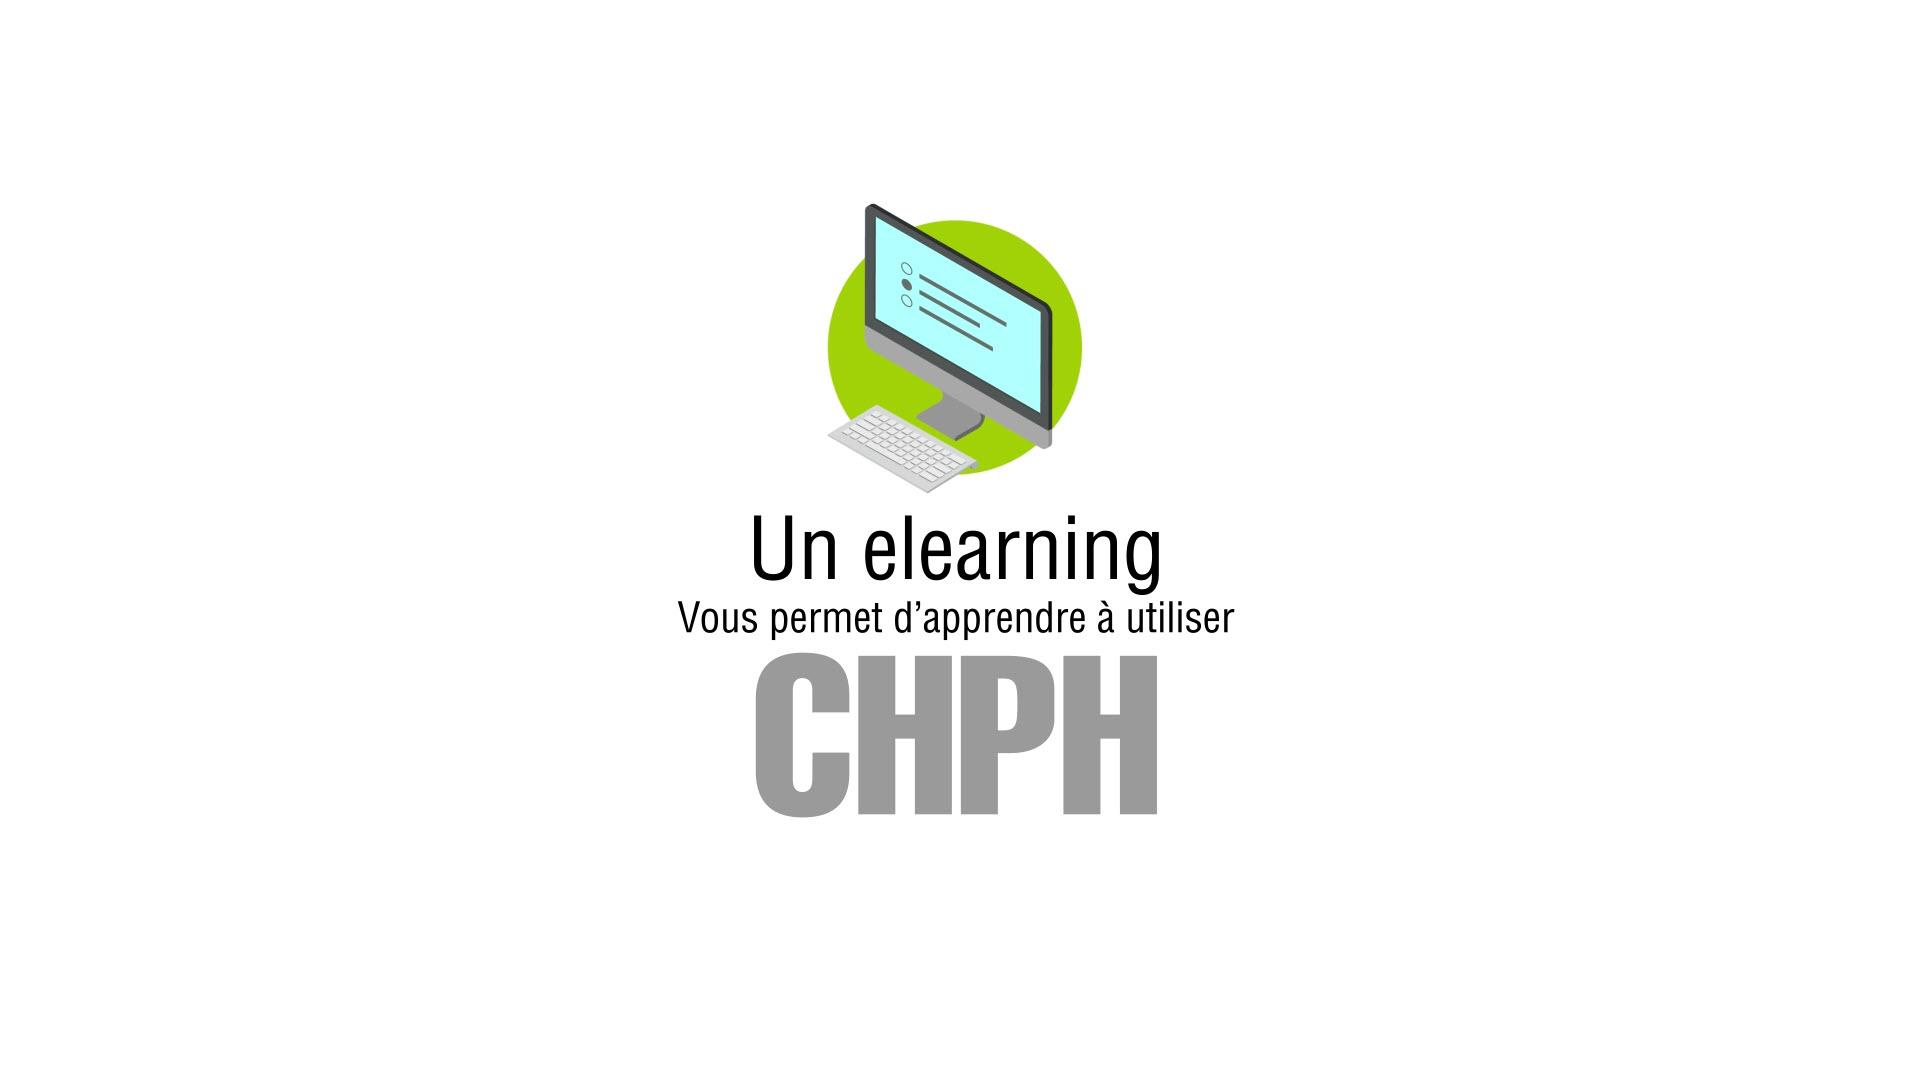 CHPH_07